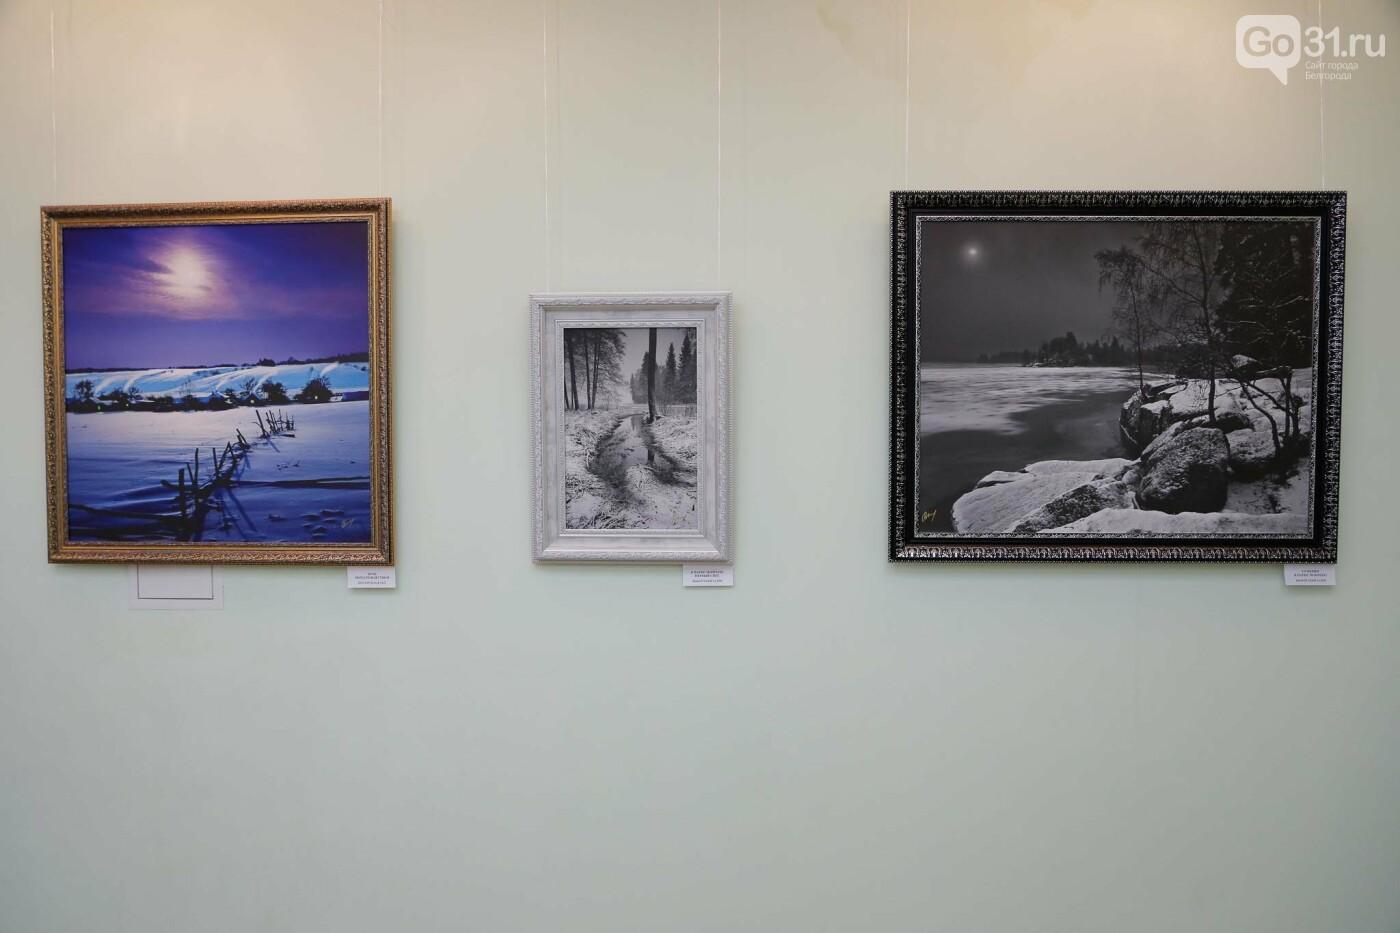 В Белгороде открылась персональная фотовыставка Владимира Щекалова, фото-12